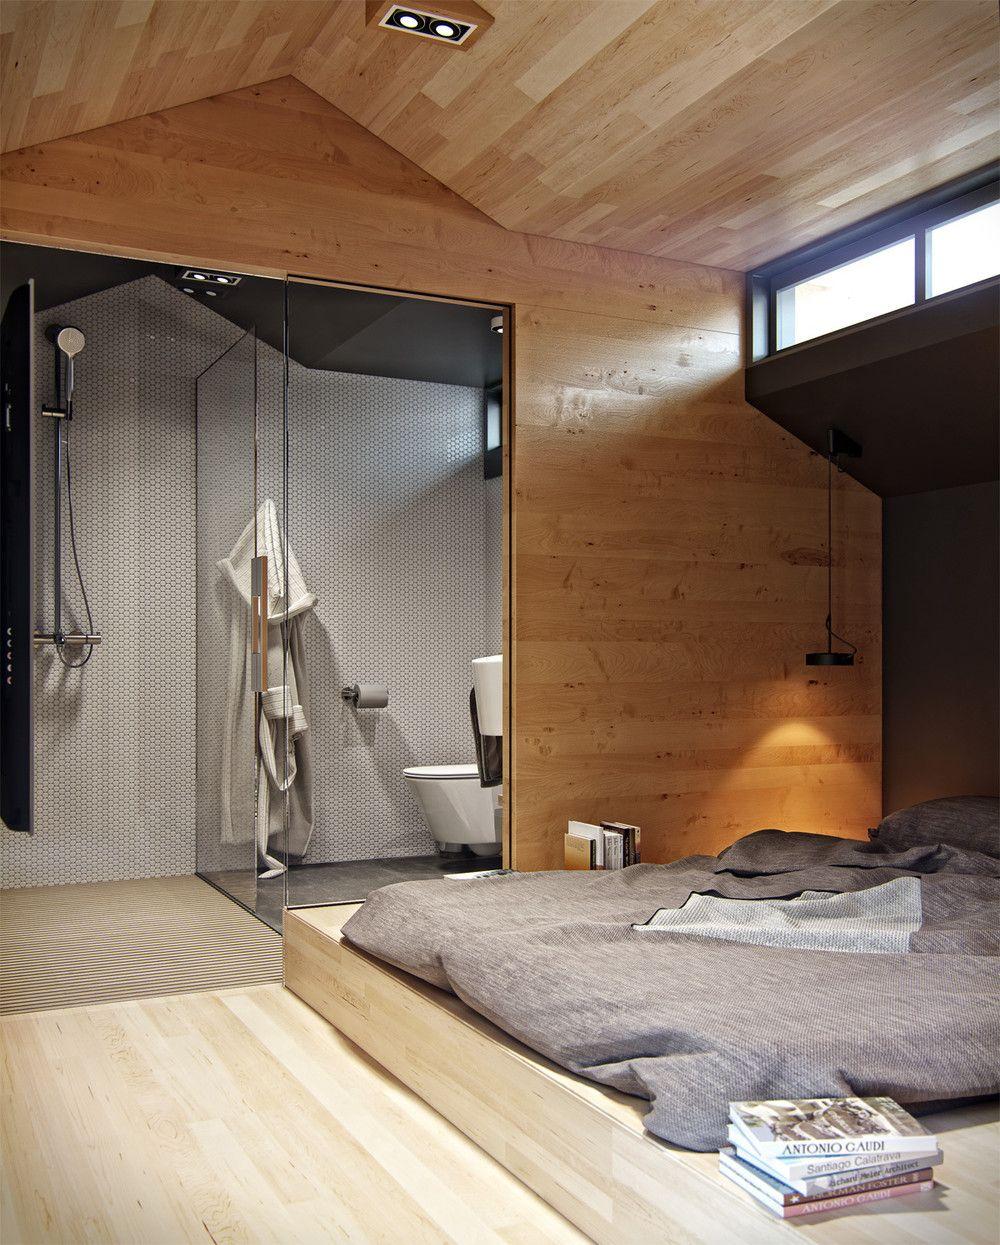 Реконструкция жилого дома в Одессе. - 3D-проект компактного пространства | PINWIN - конкурсы для архитекторов, дизайнеров, декораторов